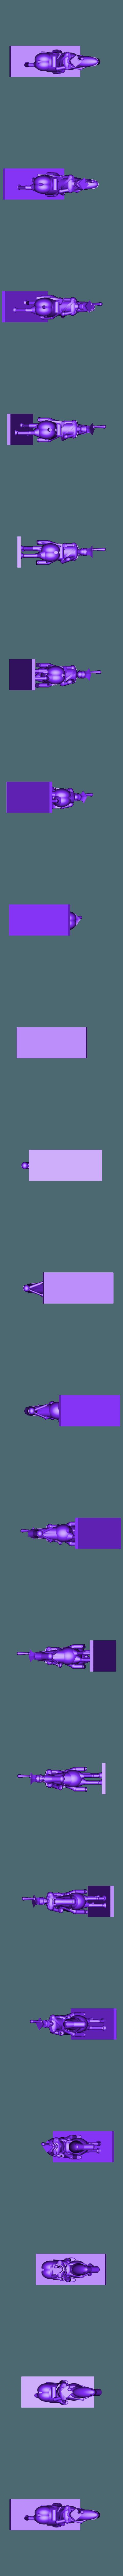 r_uhlan1_1.stl Télécharger fichier STL gratuit Napoléonien - Partie 7b - Uhlans • Modèle imprimable en 3D, Earsling